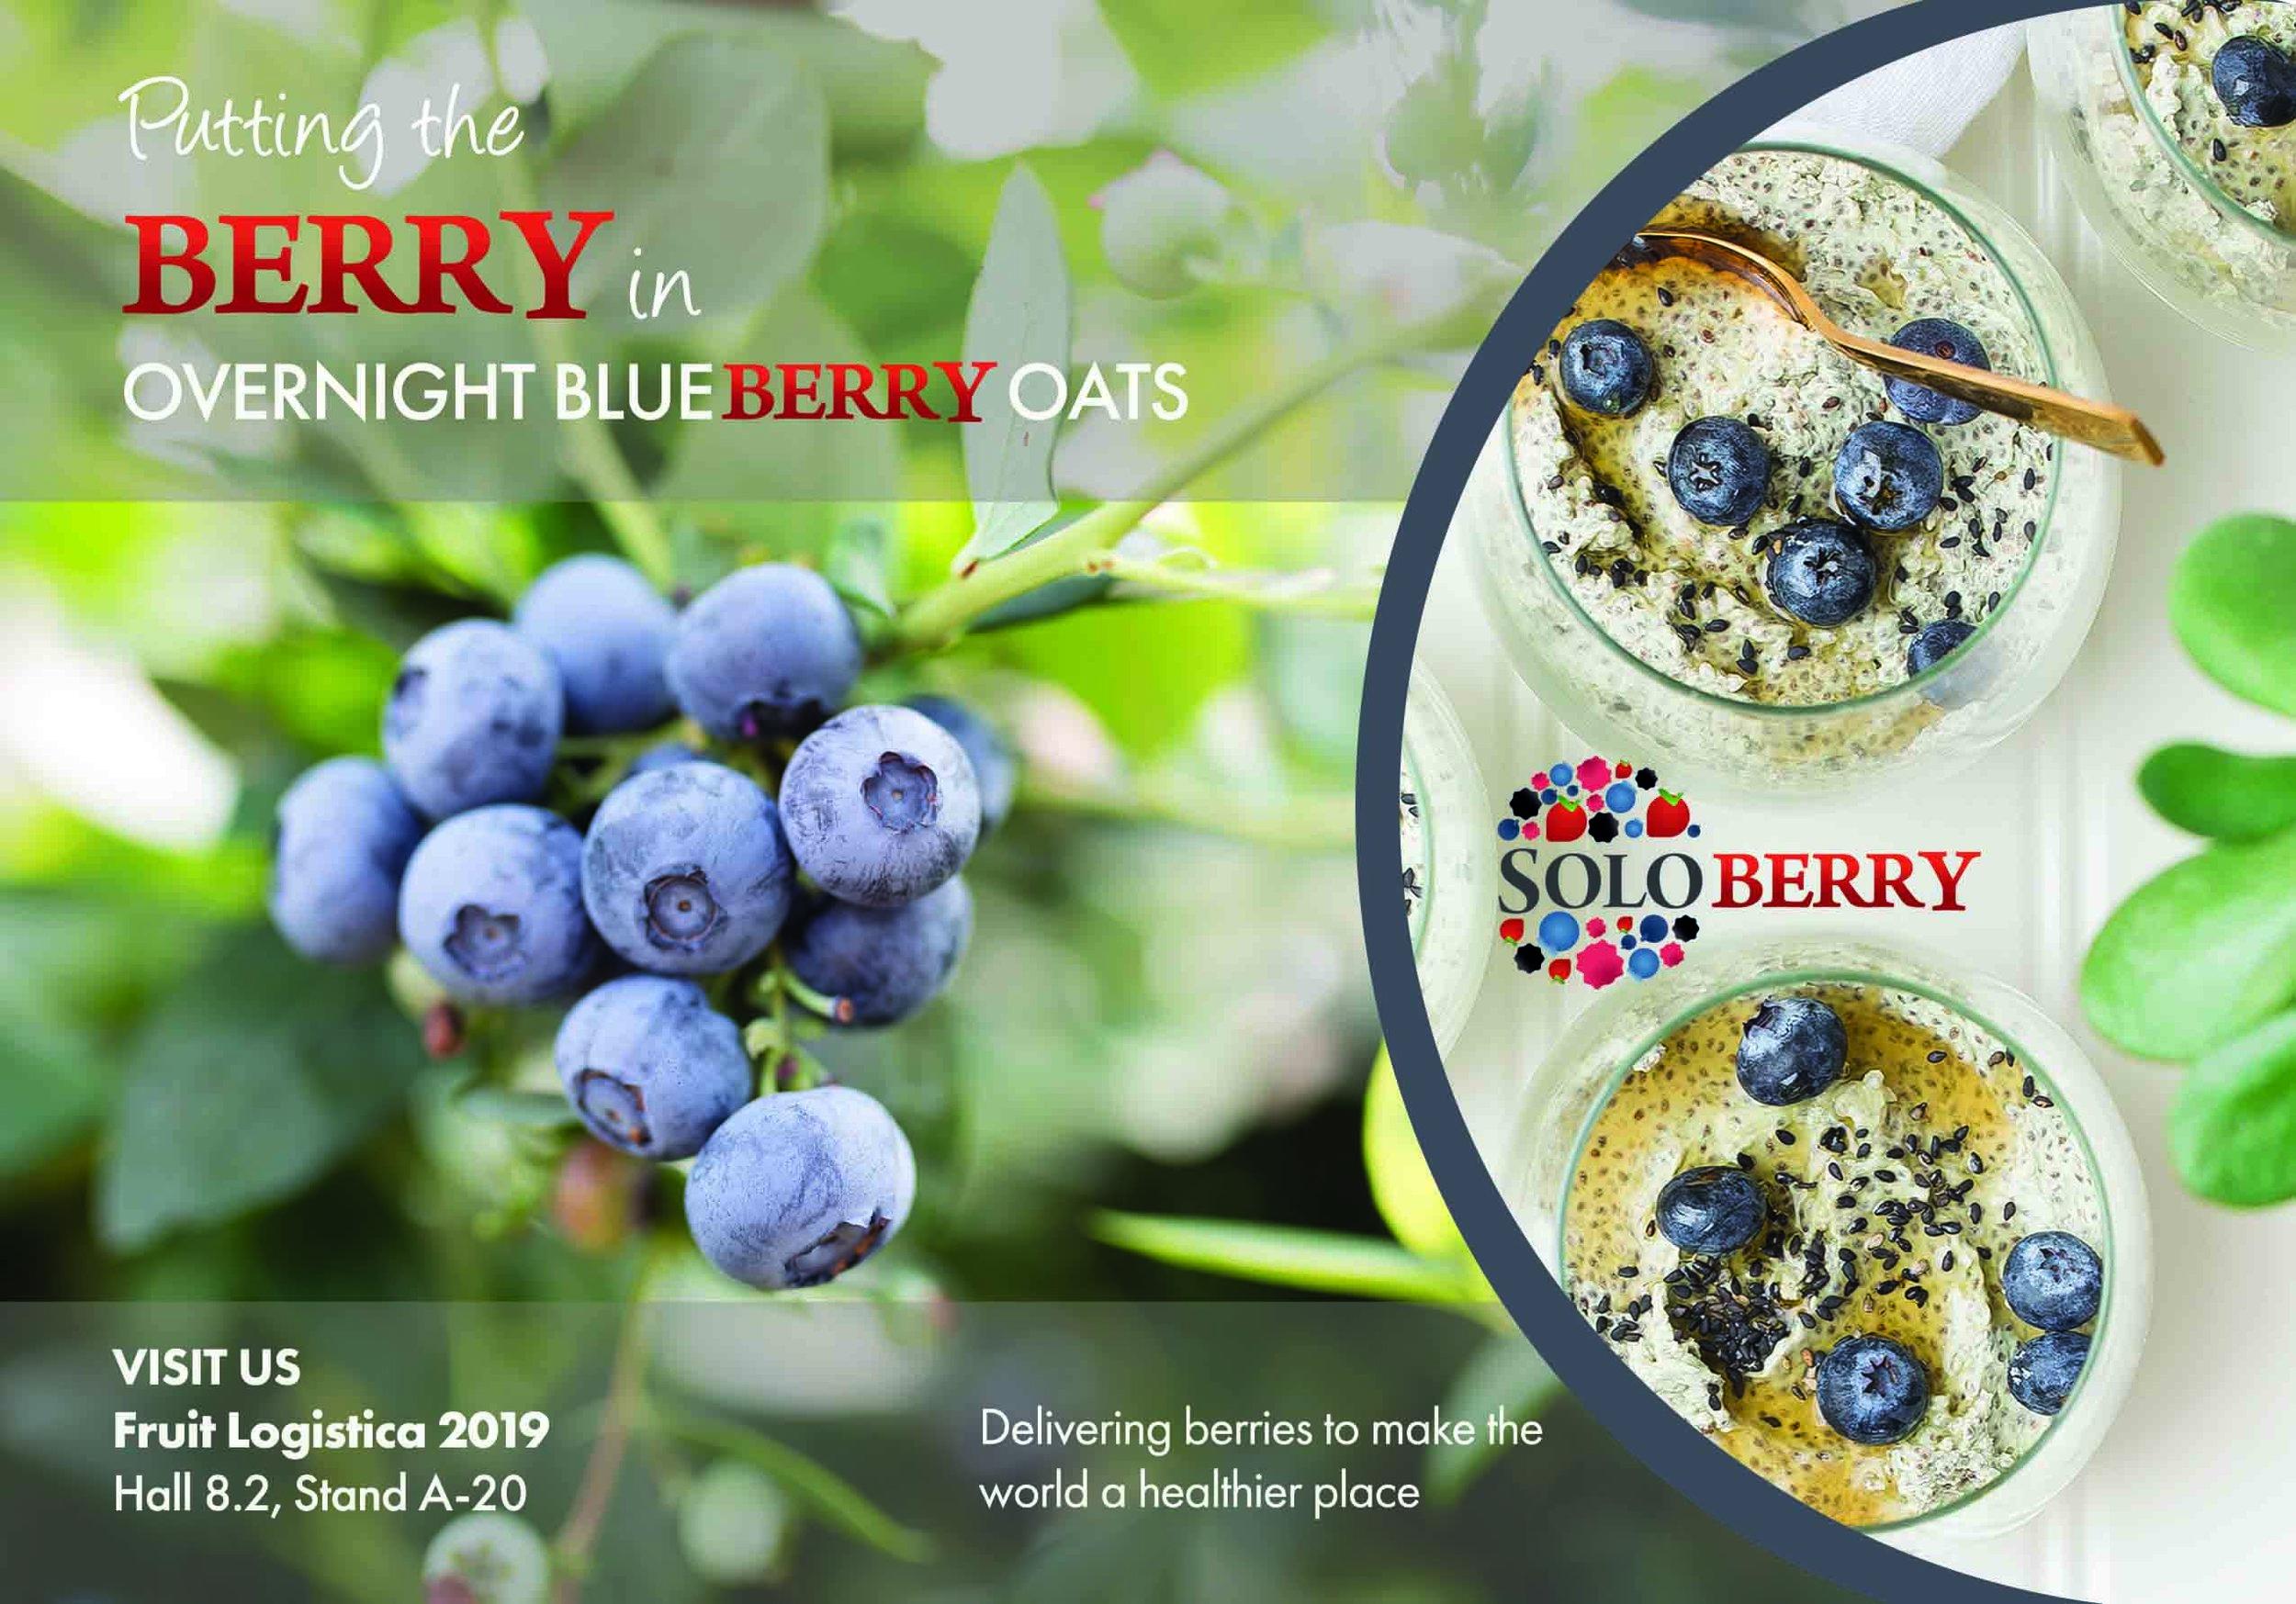 Soloberry asistirá a Fruit Logística 2019 este febrero en Berlín.